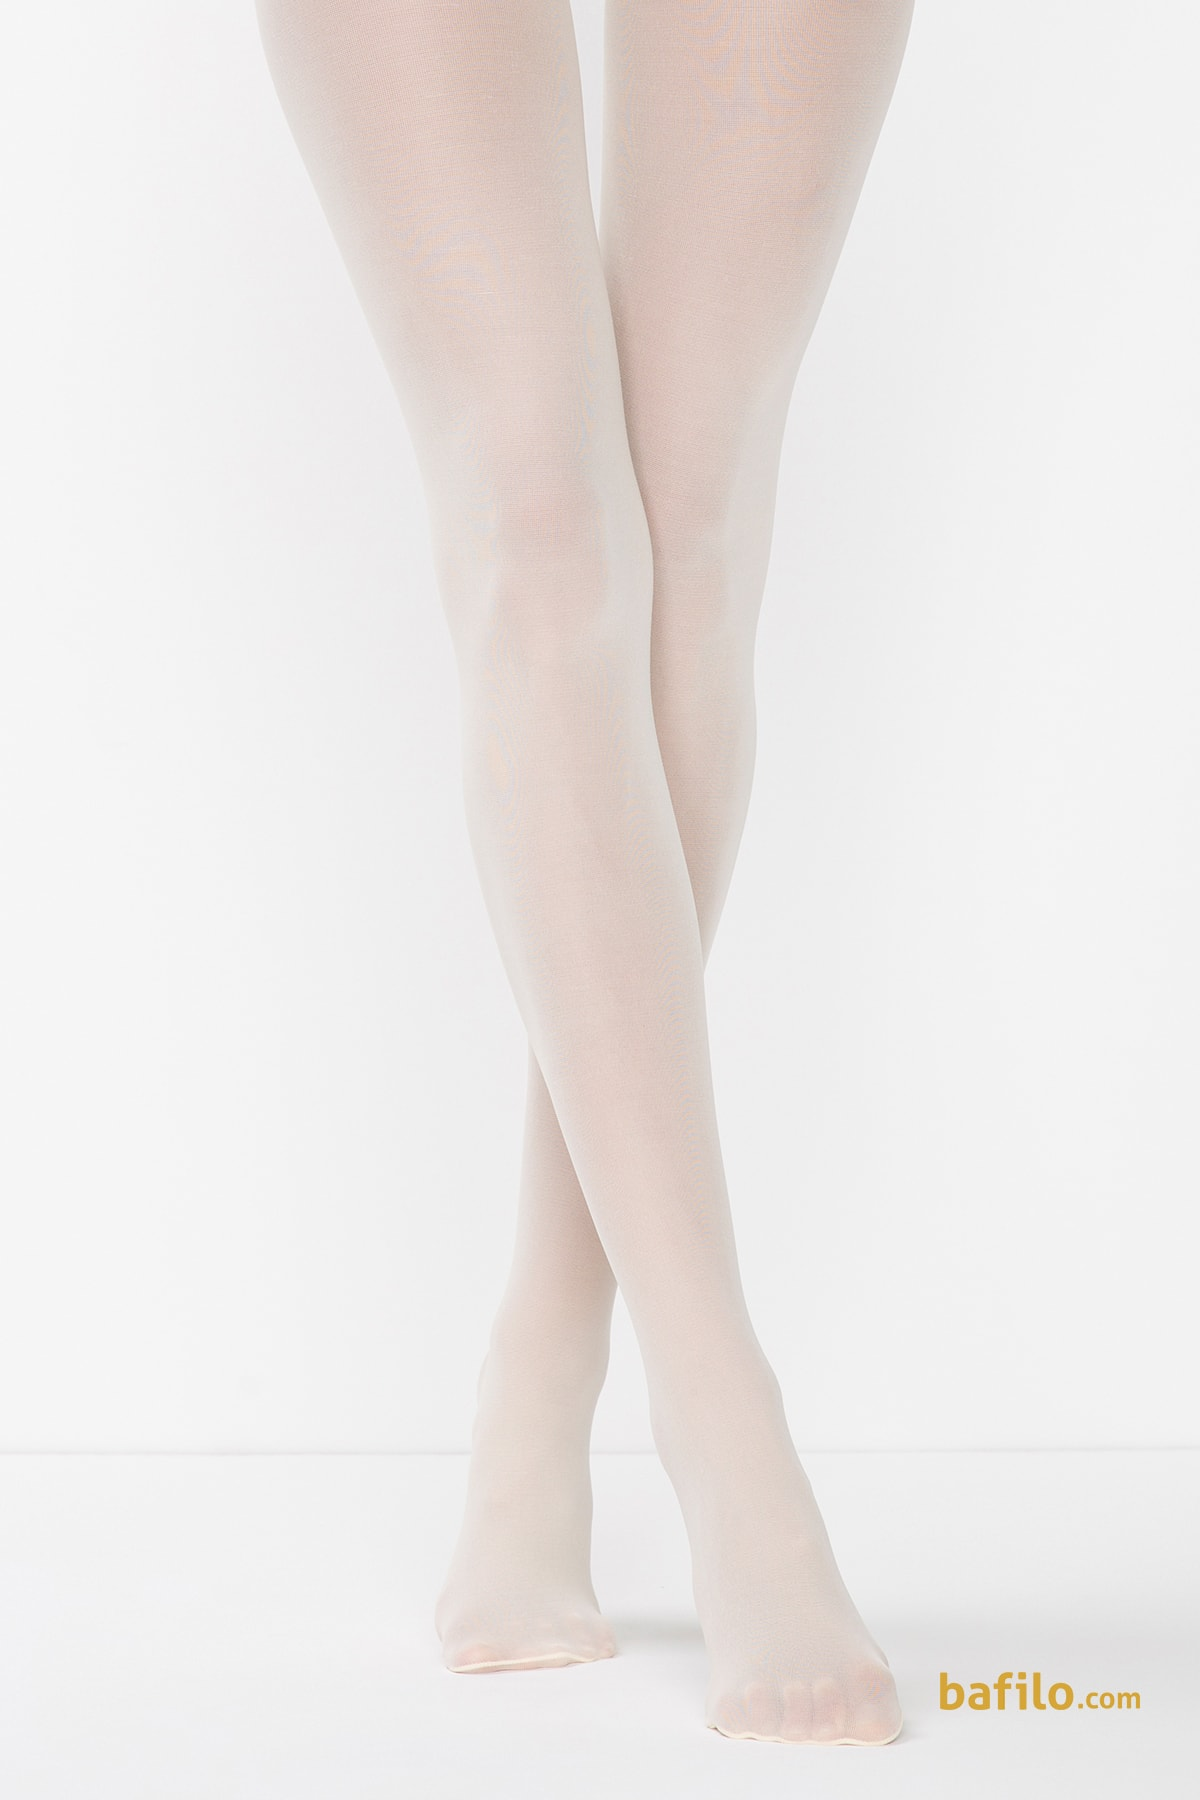 پنتی | Penti - جوراب شلواری زنانه پنتی Mikro 40 سفید